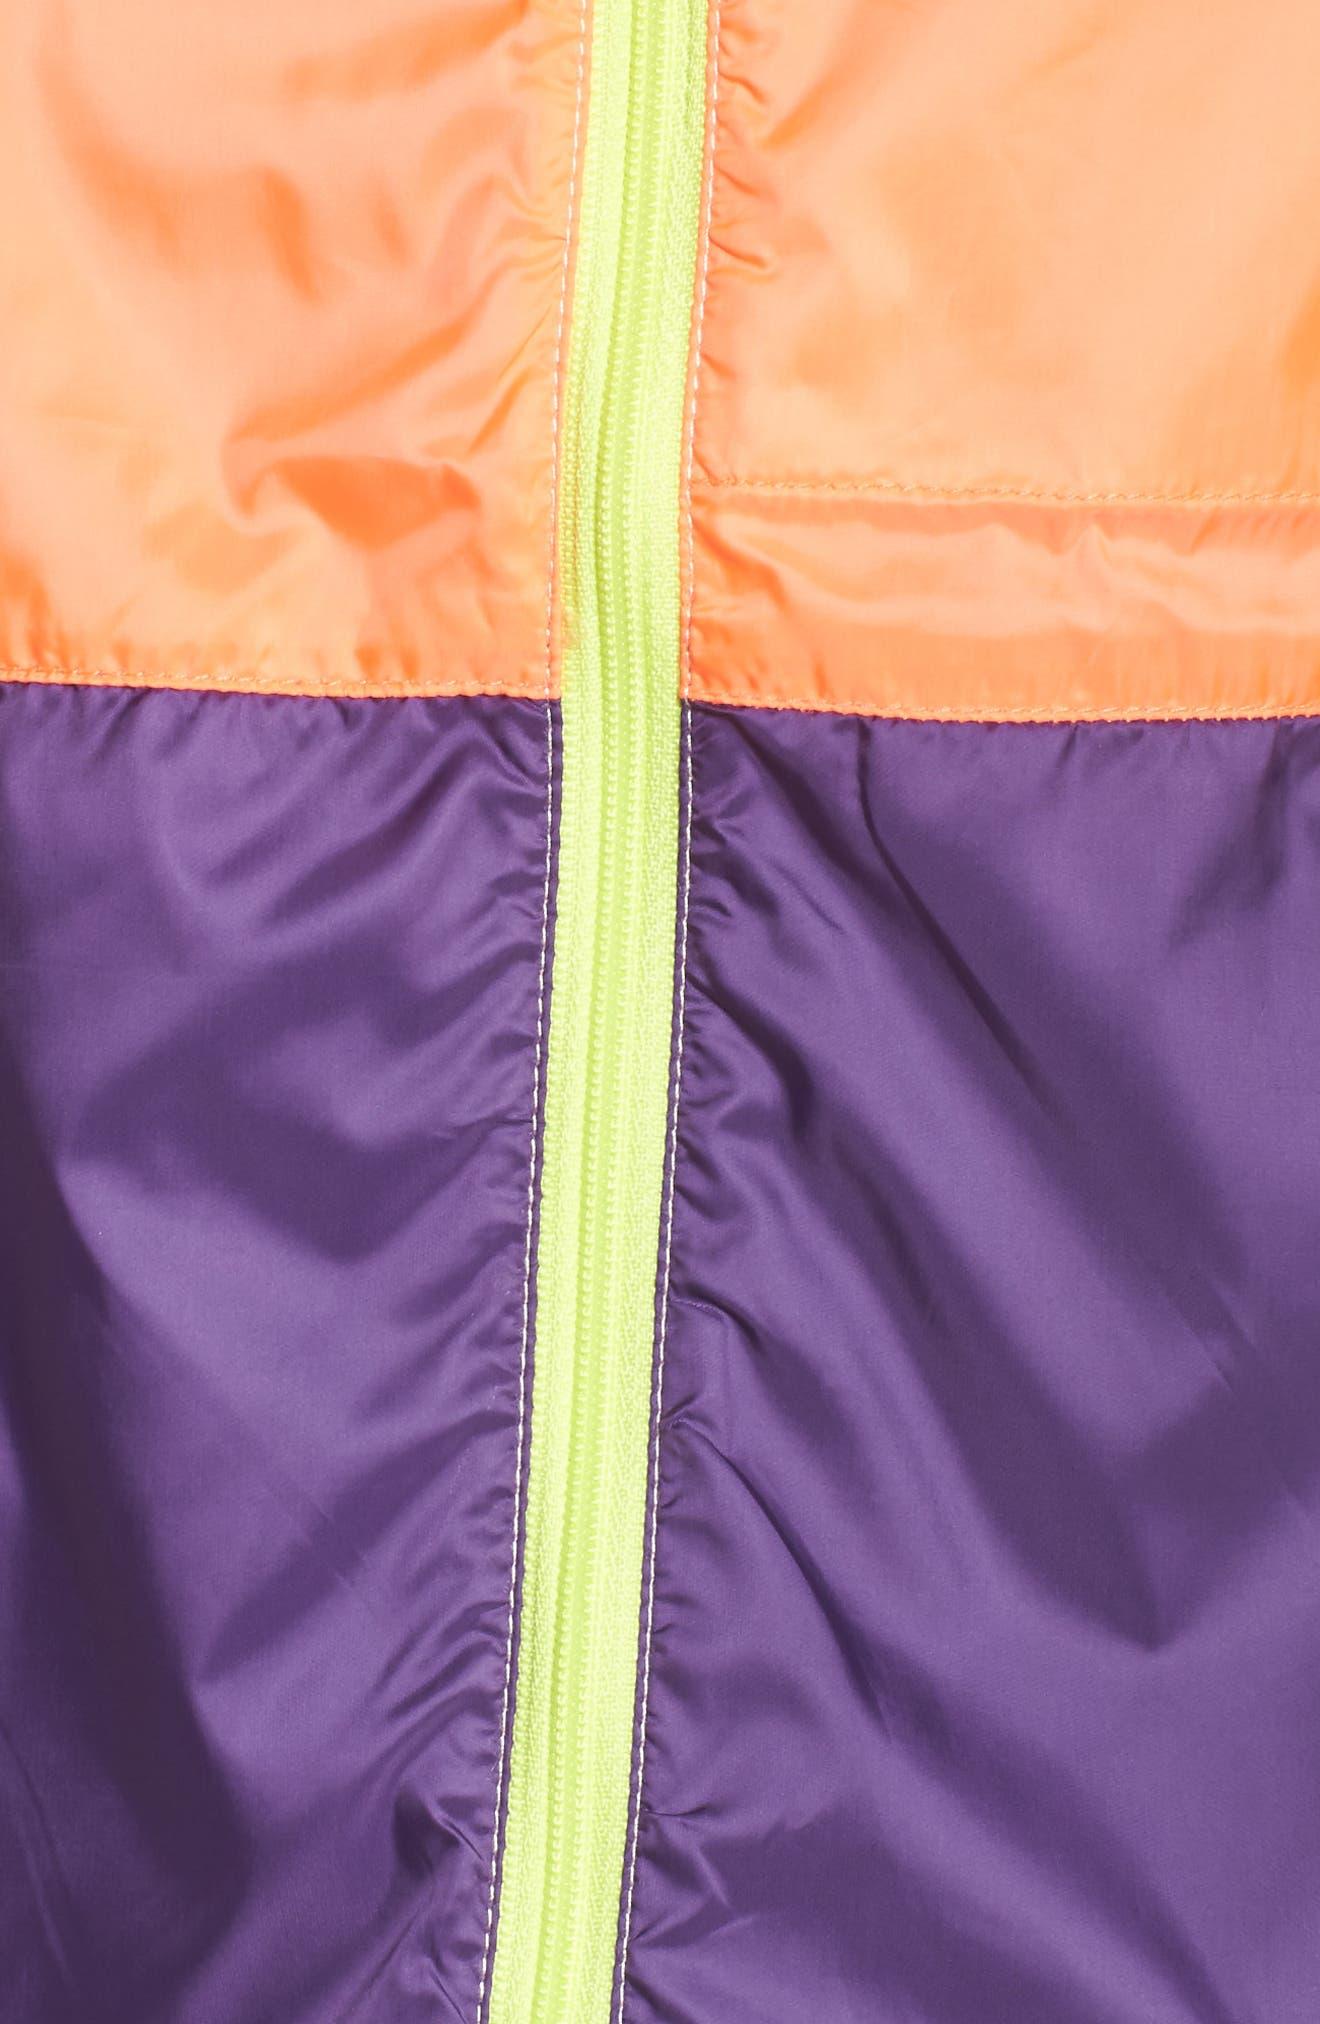 Teca Packable Water Resistant Windbreaker Jacket,                             Alternate thumbnail 32, color,